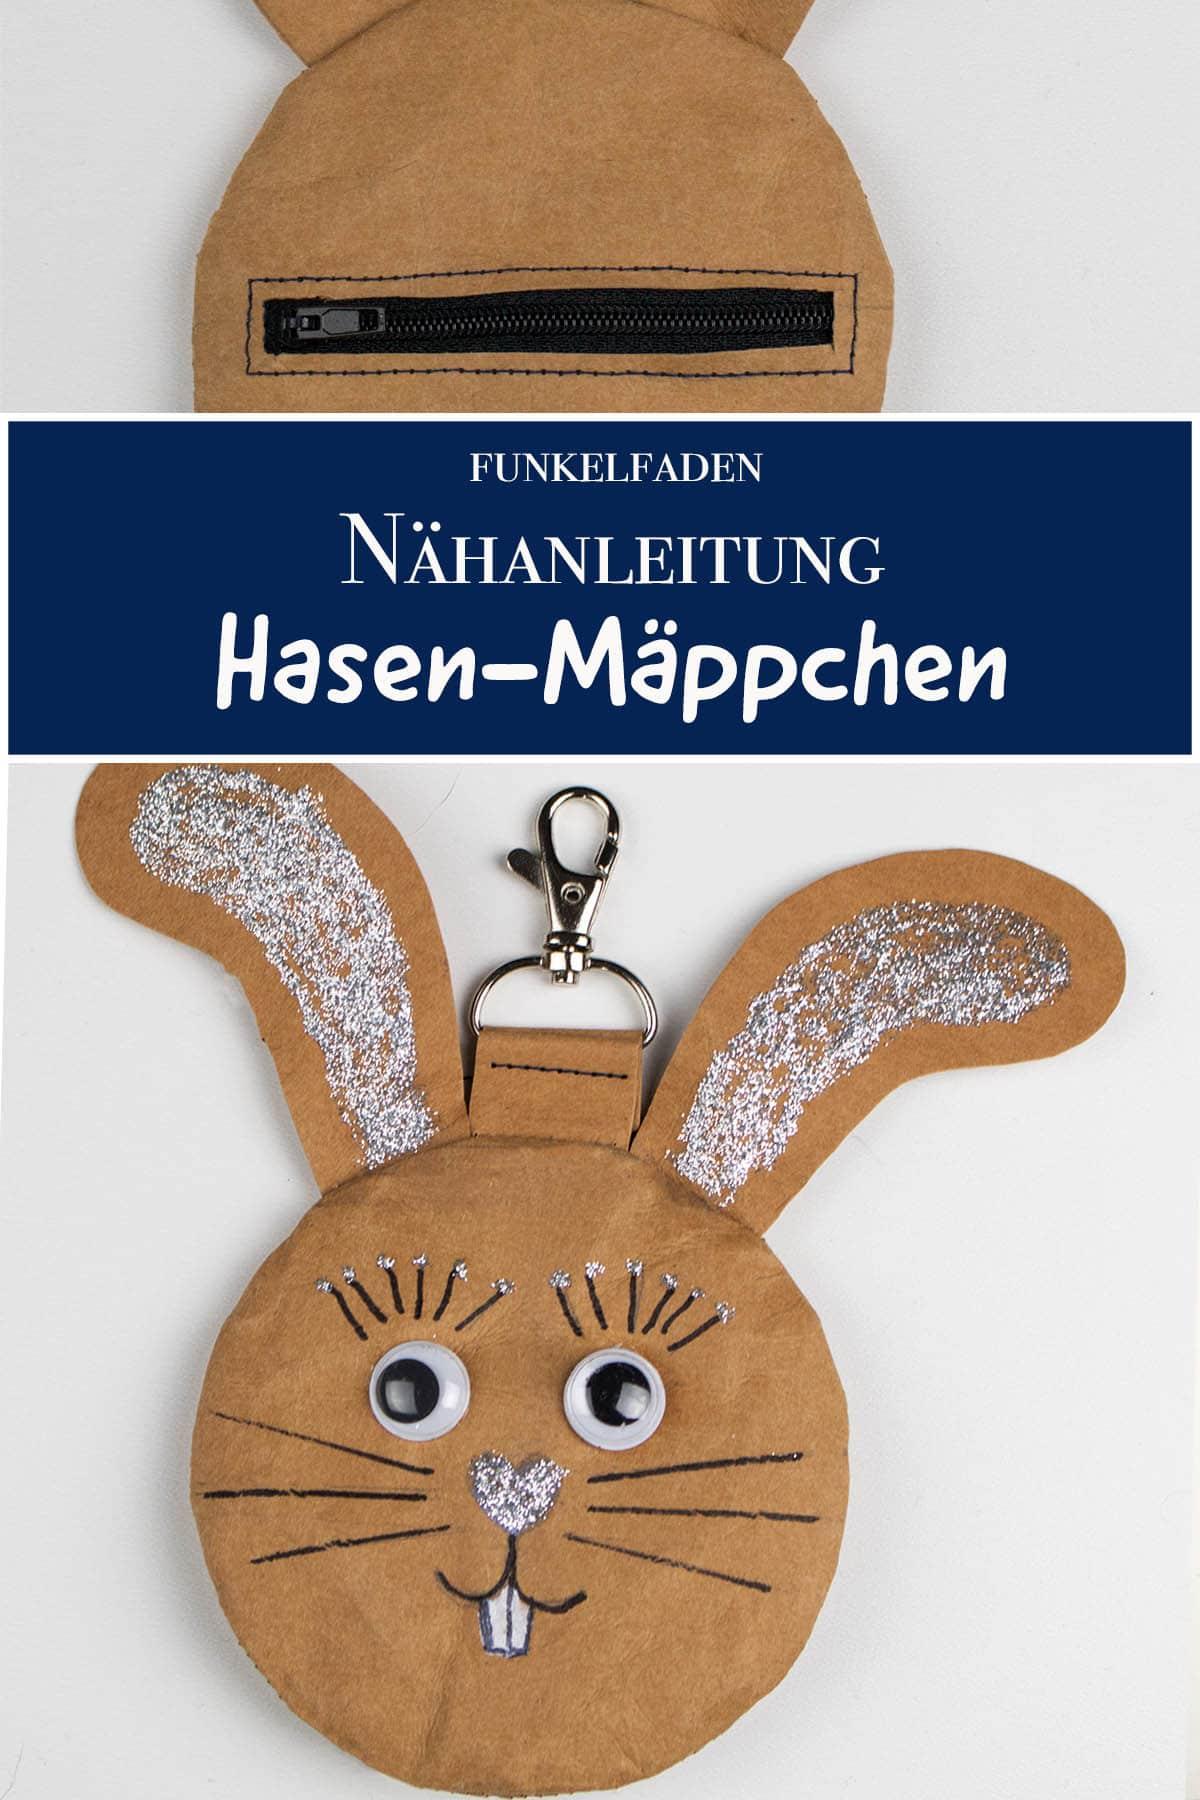 Gratis Schnittmuster Osterhasen Tasche nähen - Nähanleitung - Hasen-Mäppchen für Ostern nähen